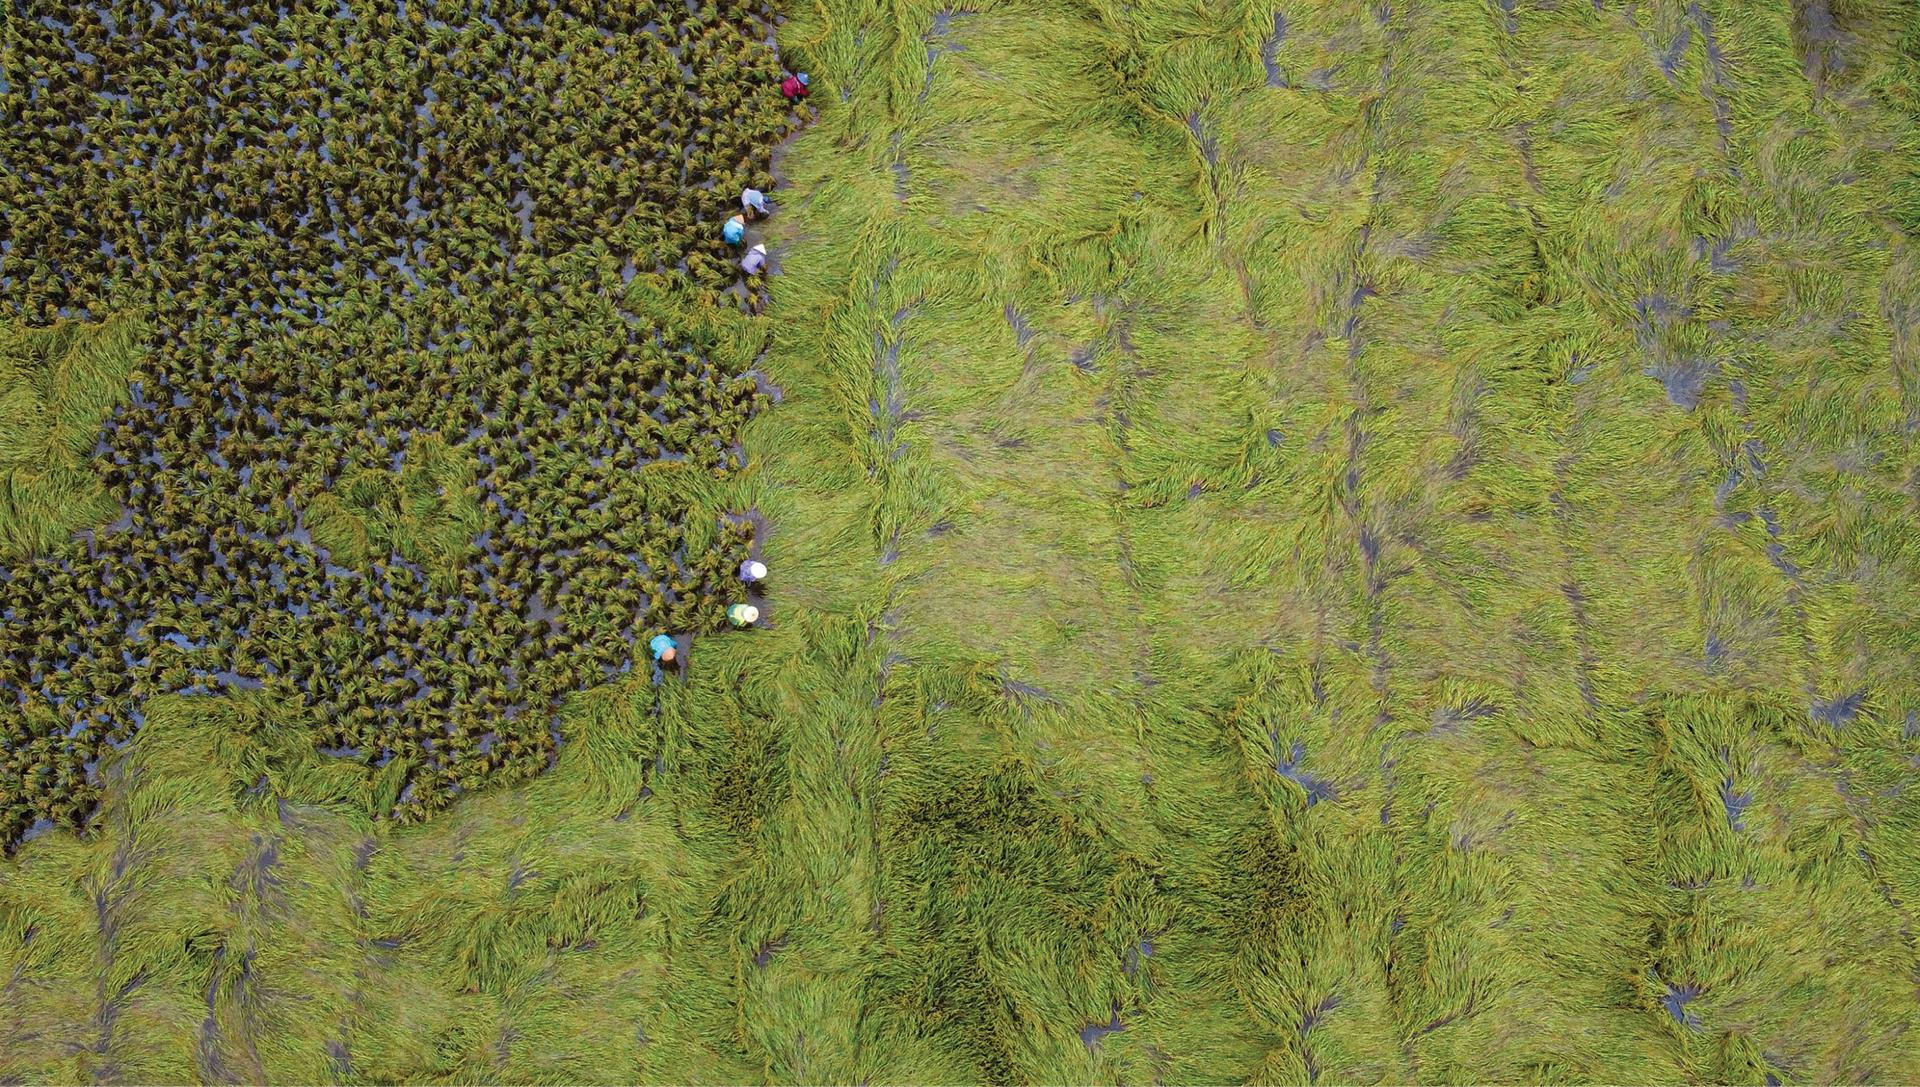 Nông dân miền Trung dầm mình cứu lúa sau mưa bão  ảnh 4